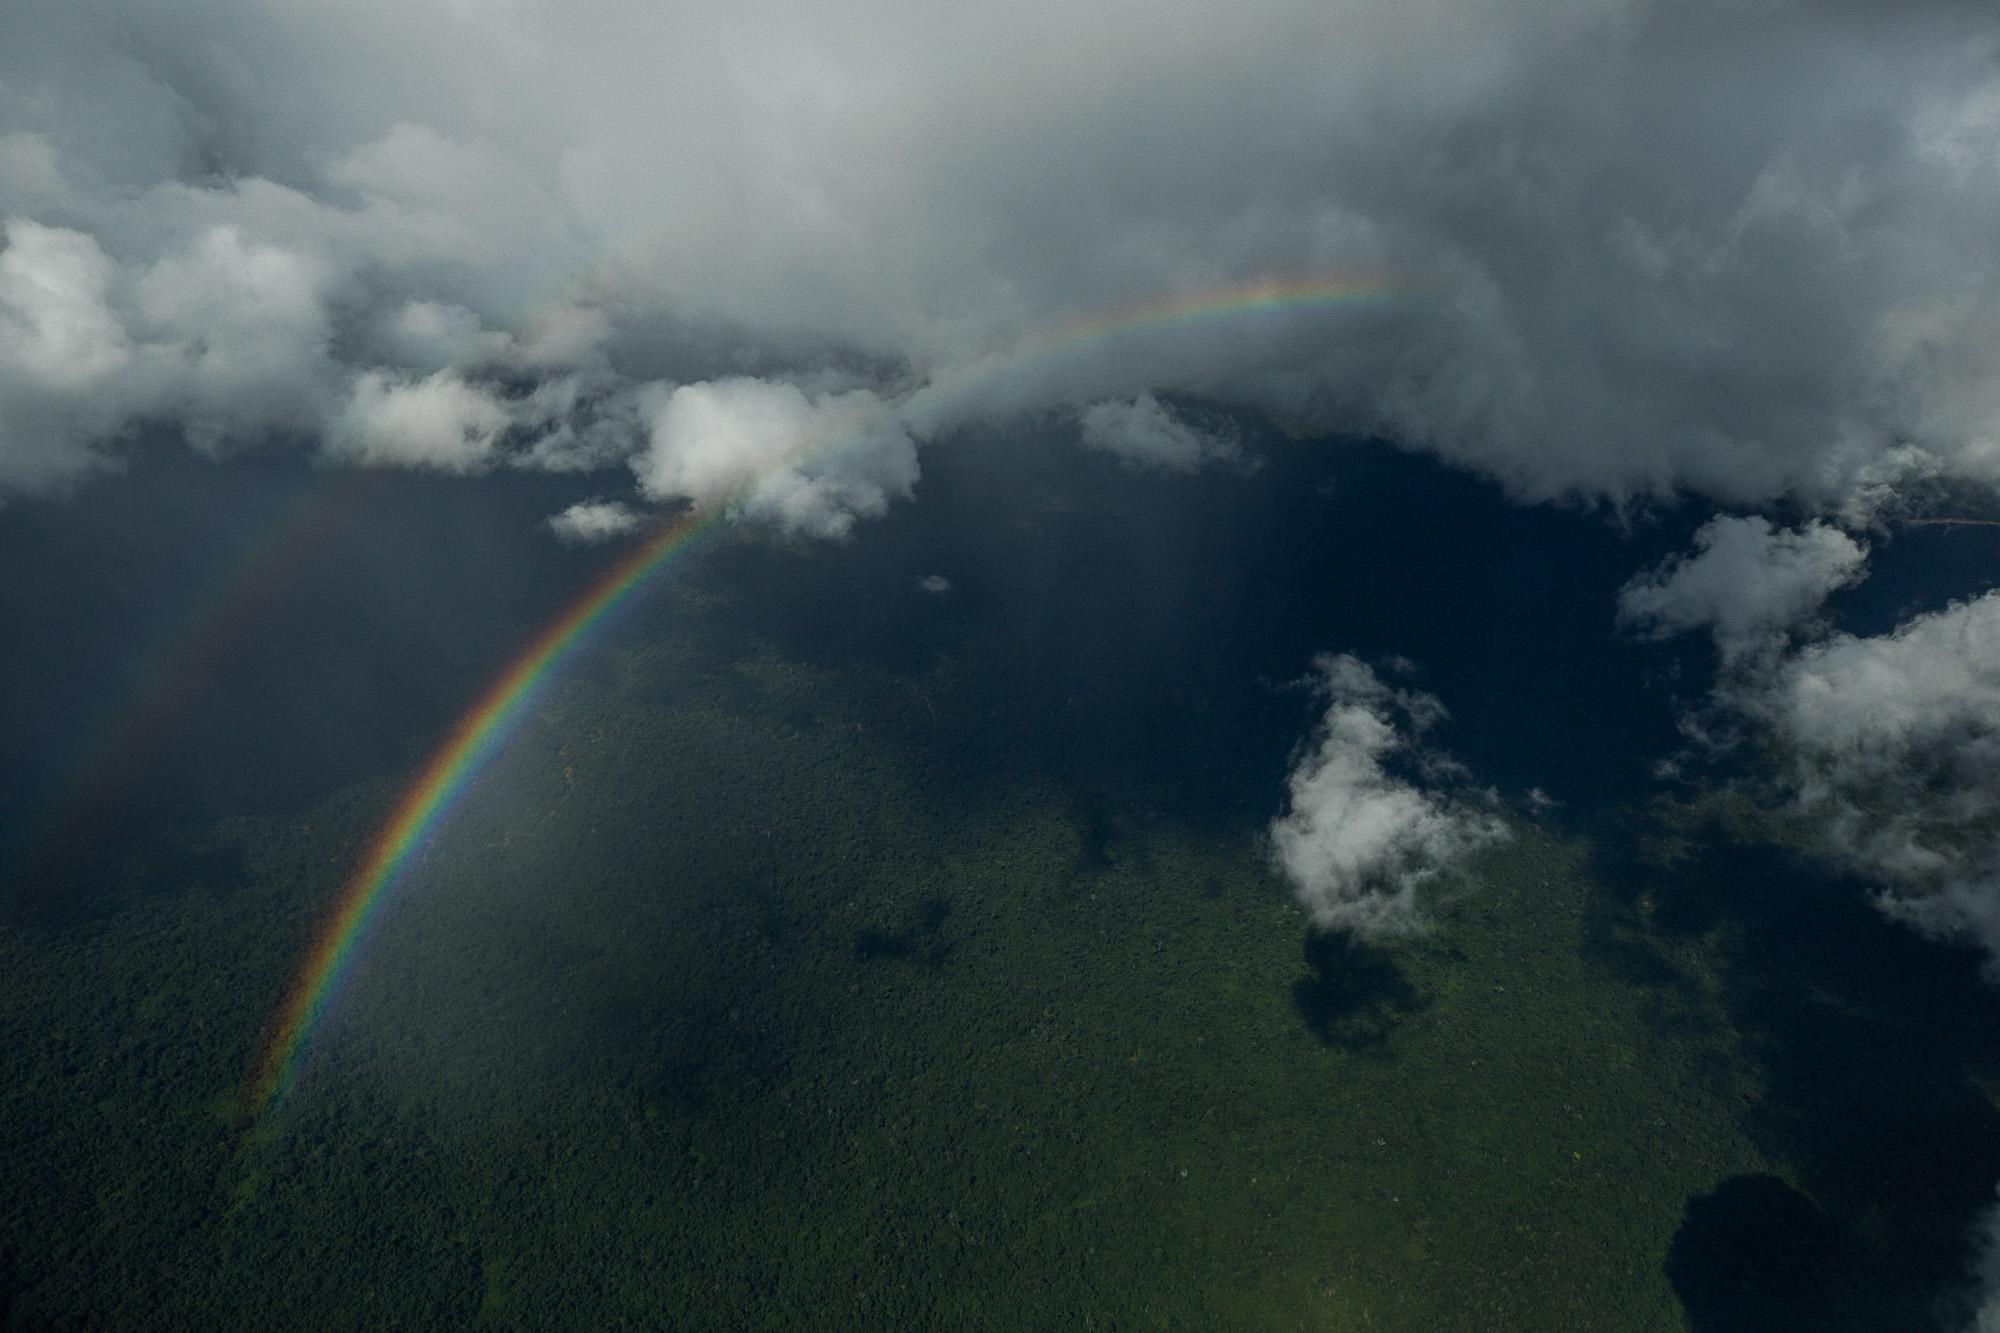 IPCC: Floresta protegida e terras indígenas demarcadas são barreiras contra crise climática, dizem especialistas